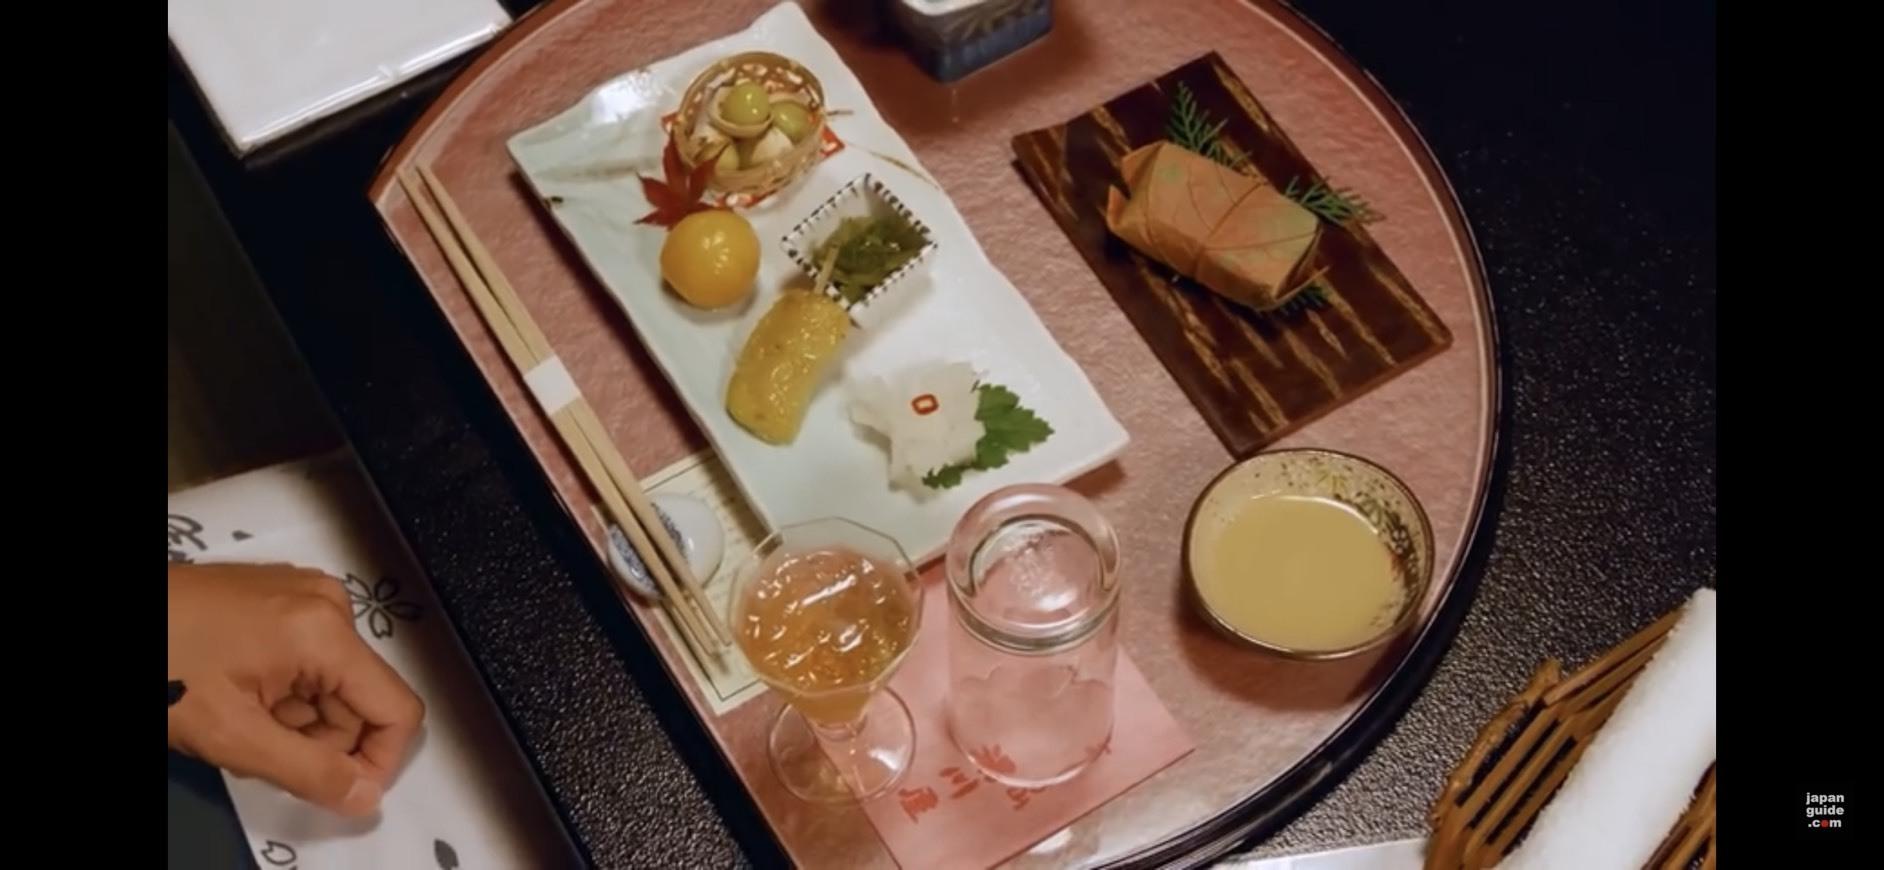 有名訪日観光客情報サイト<Japan Guide>さんに掲載していただきました!_e0154524_00330830.jpg